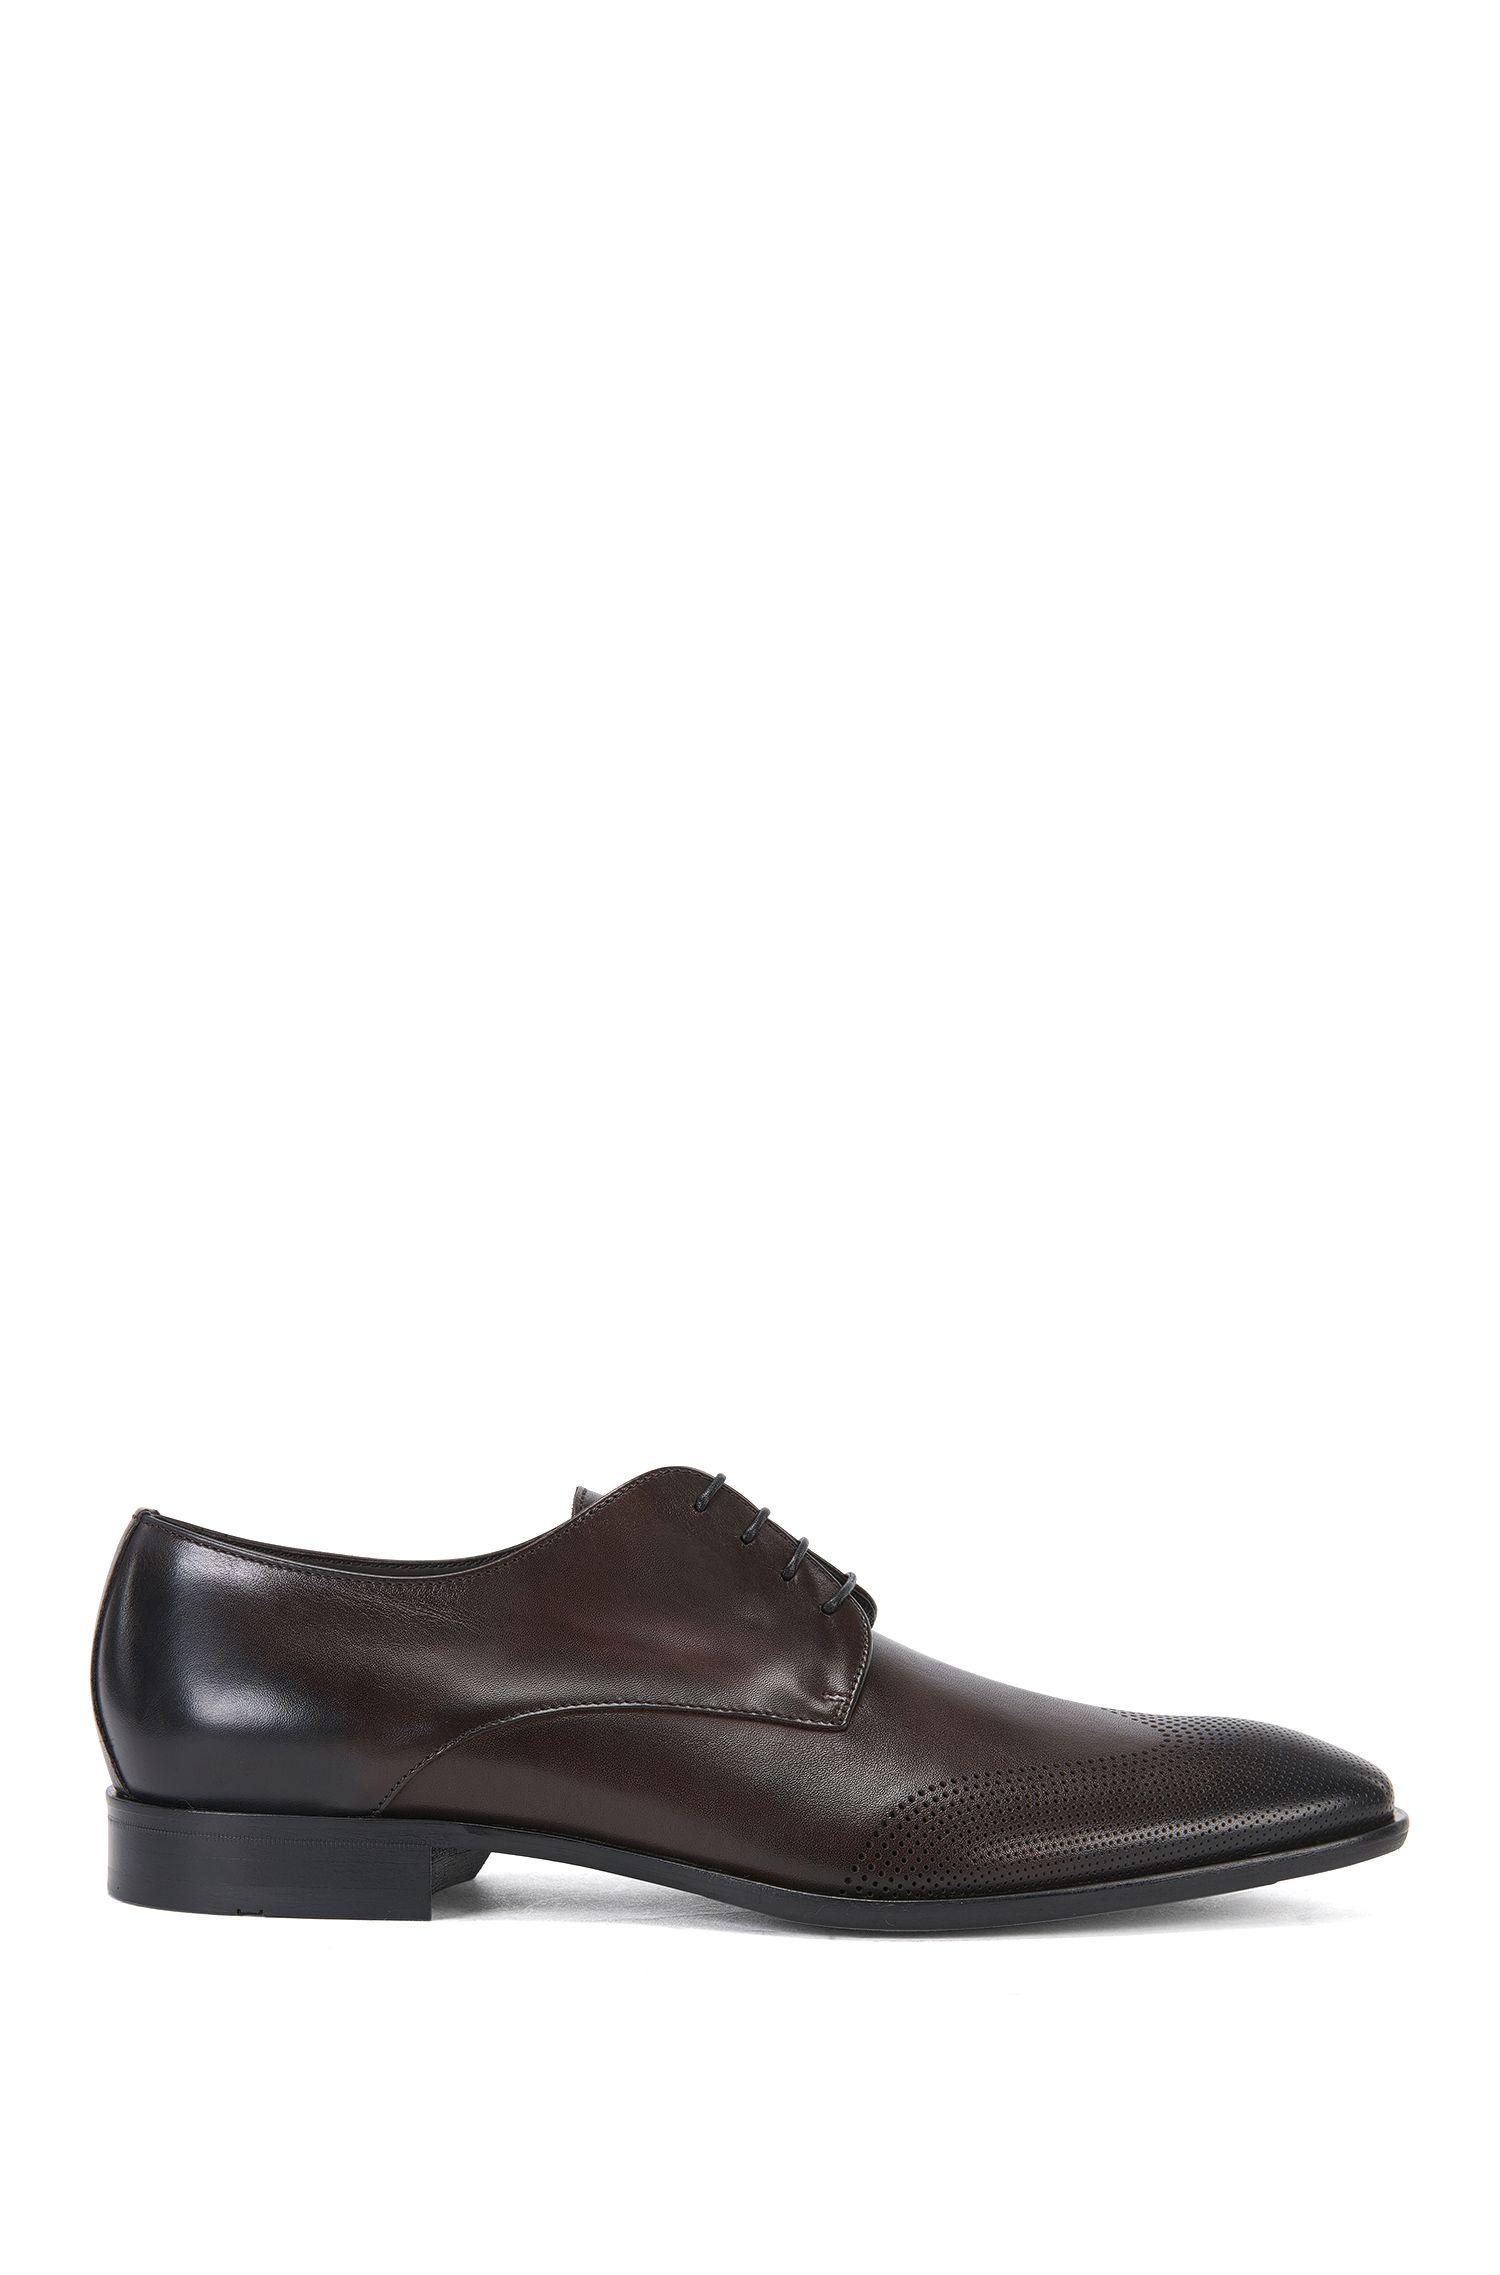 Zapatos con cordones en piel con brocado: 'Chelsea_Derb_wtls'